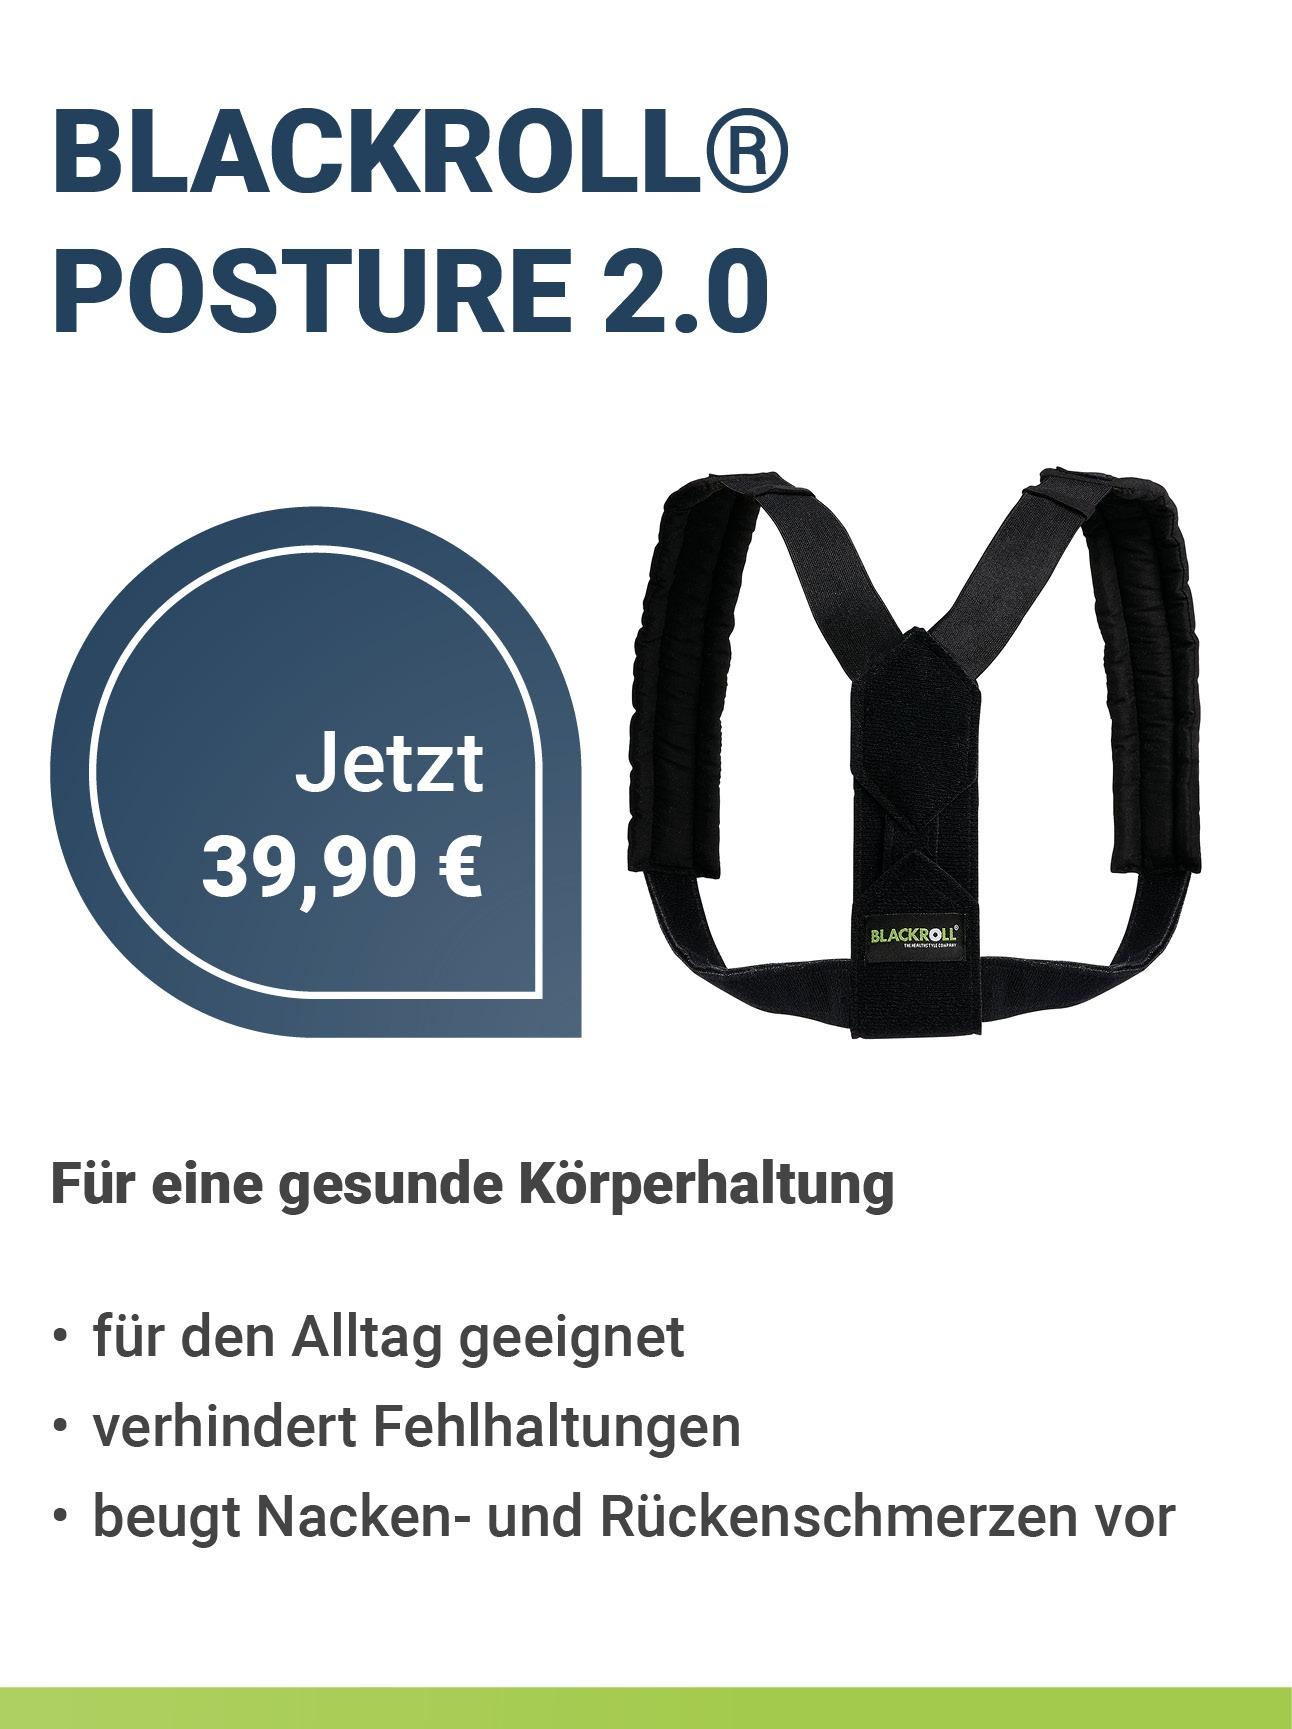 BLACKROLL® POSTURE 2.0 - Rückengurt zur Haltungskorrektur